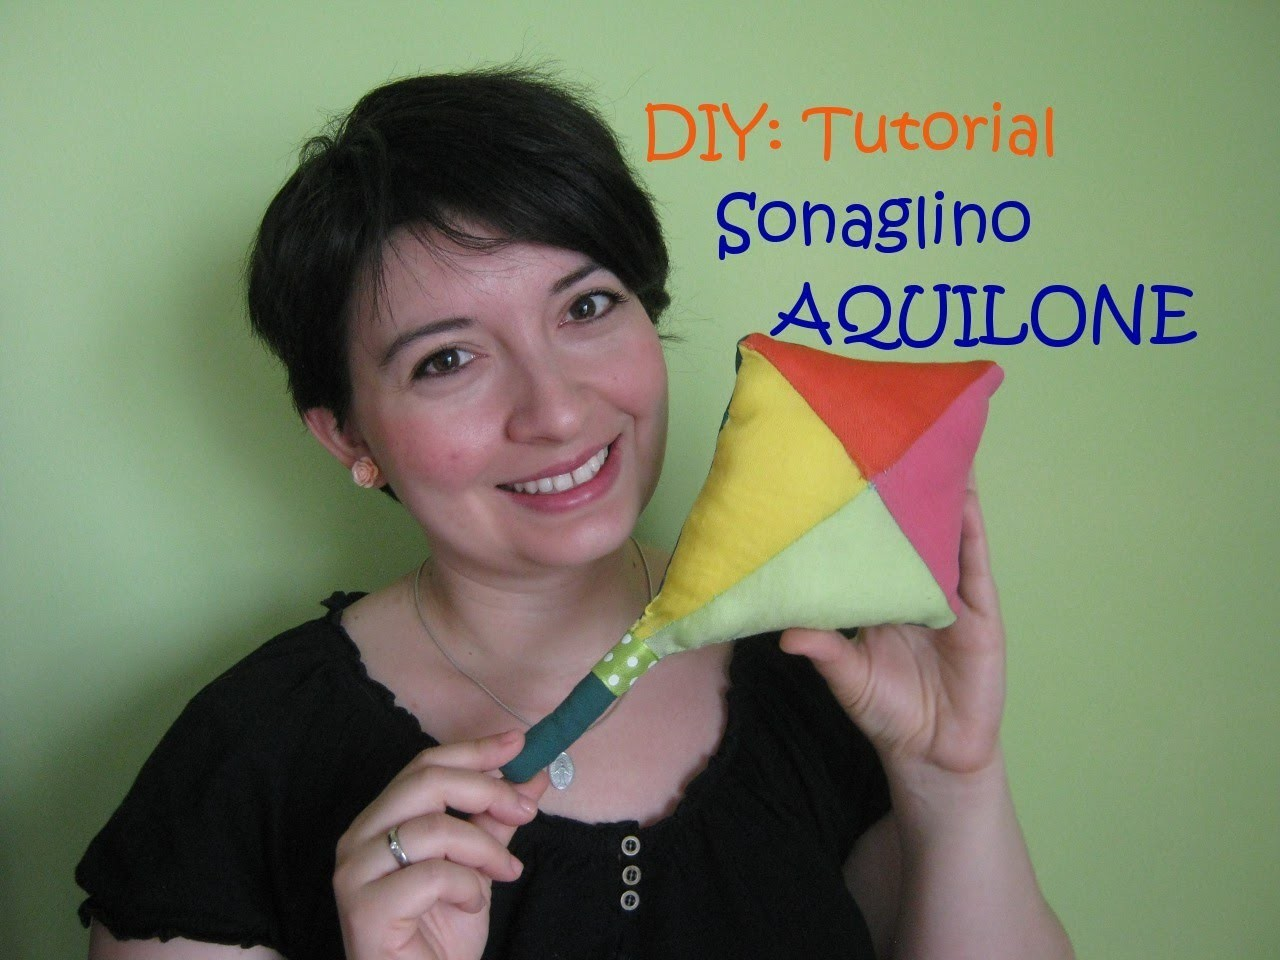 DIY: Giochi per bambini - TUTORIAL Aquilone!